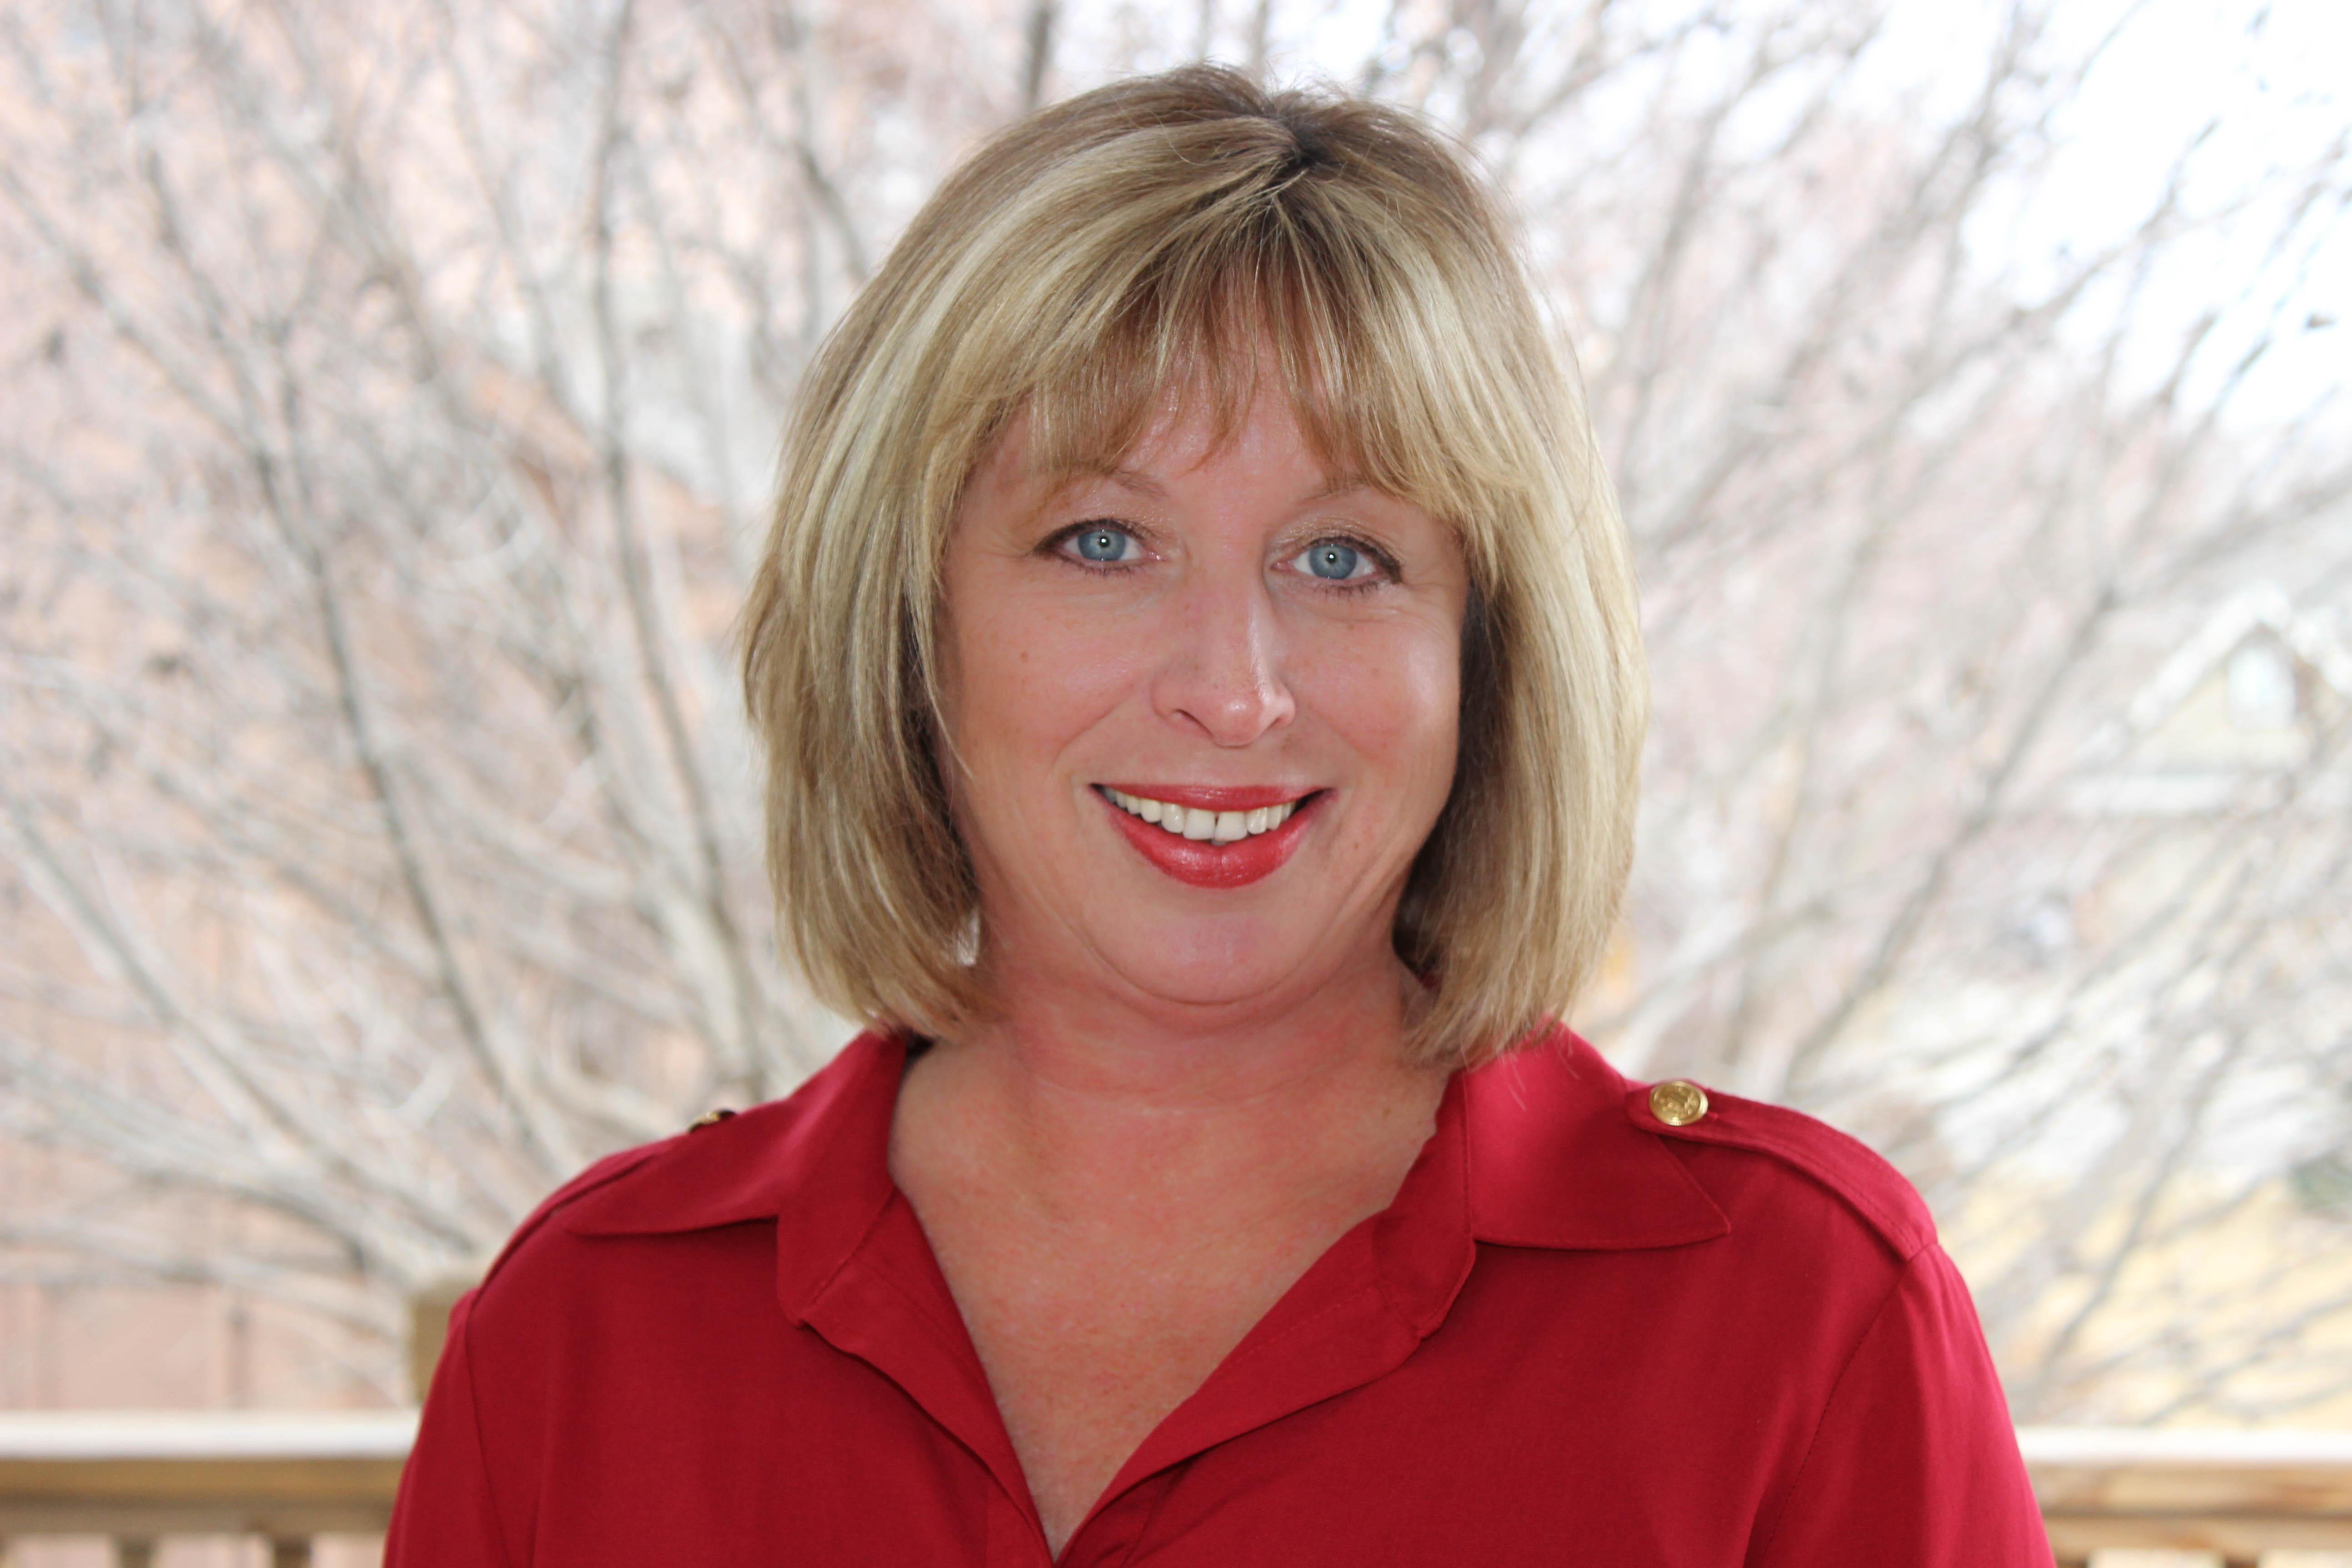 Kathi Burt